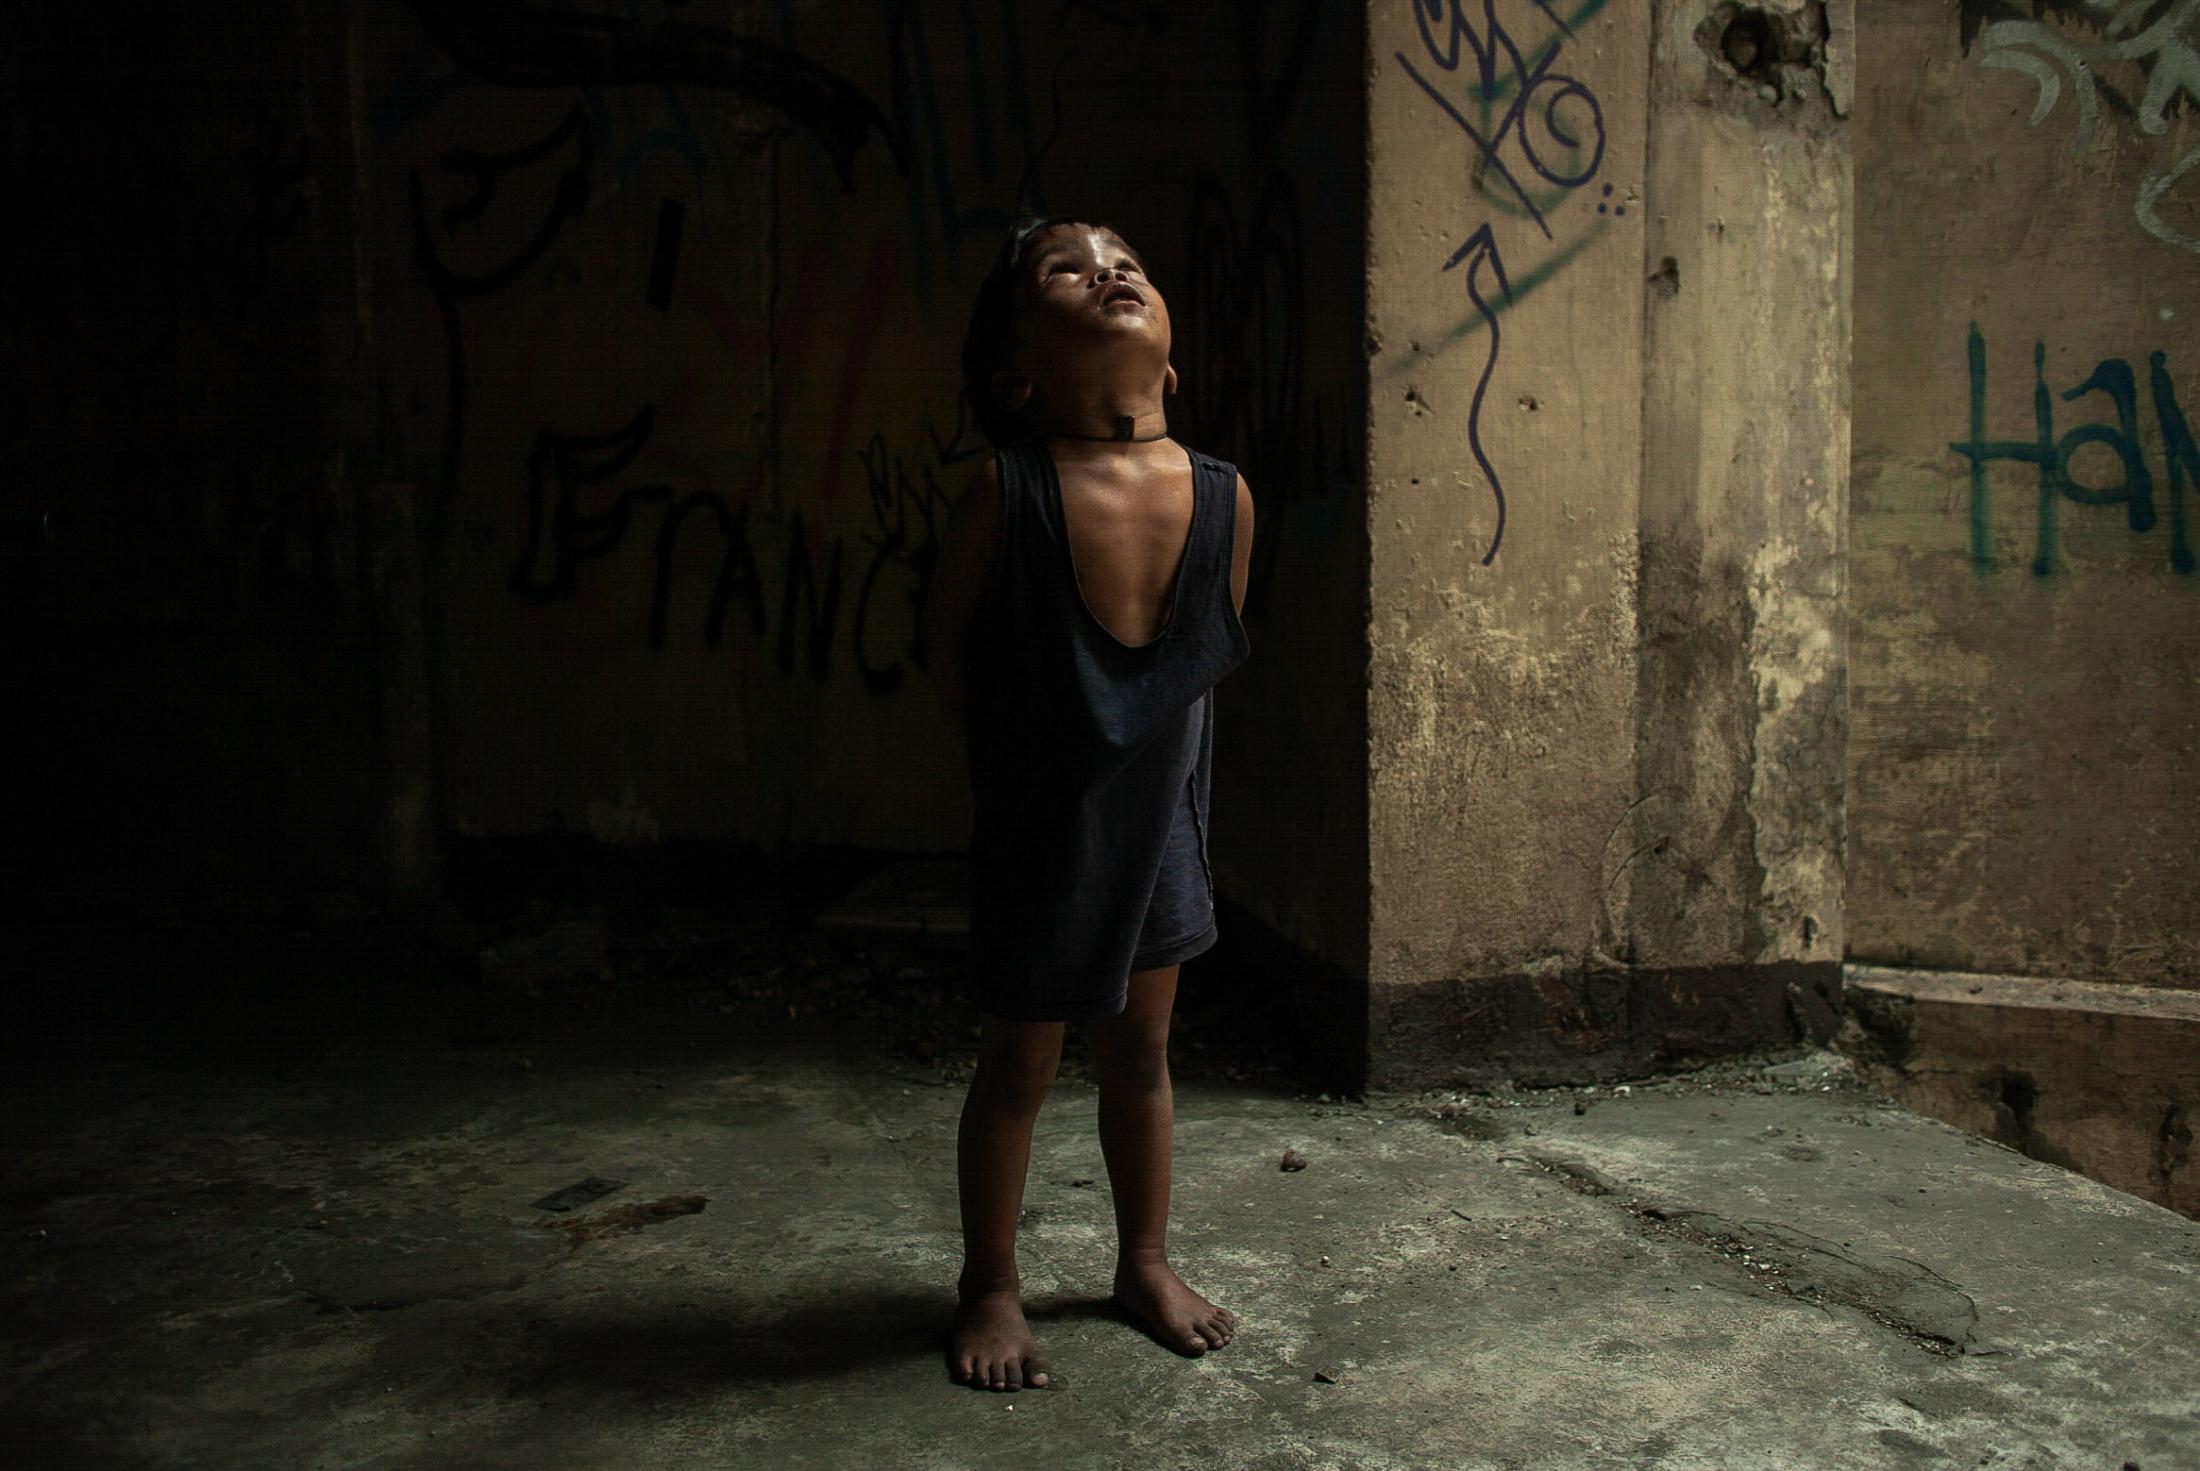 Poverty In Manila2/11/12 20120211-20120211-20120211-20120211-20120211-20120211-20120211-20120211-20120211-20120211-20120211-2.JPG